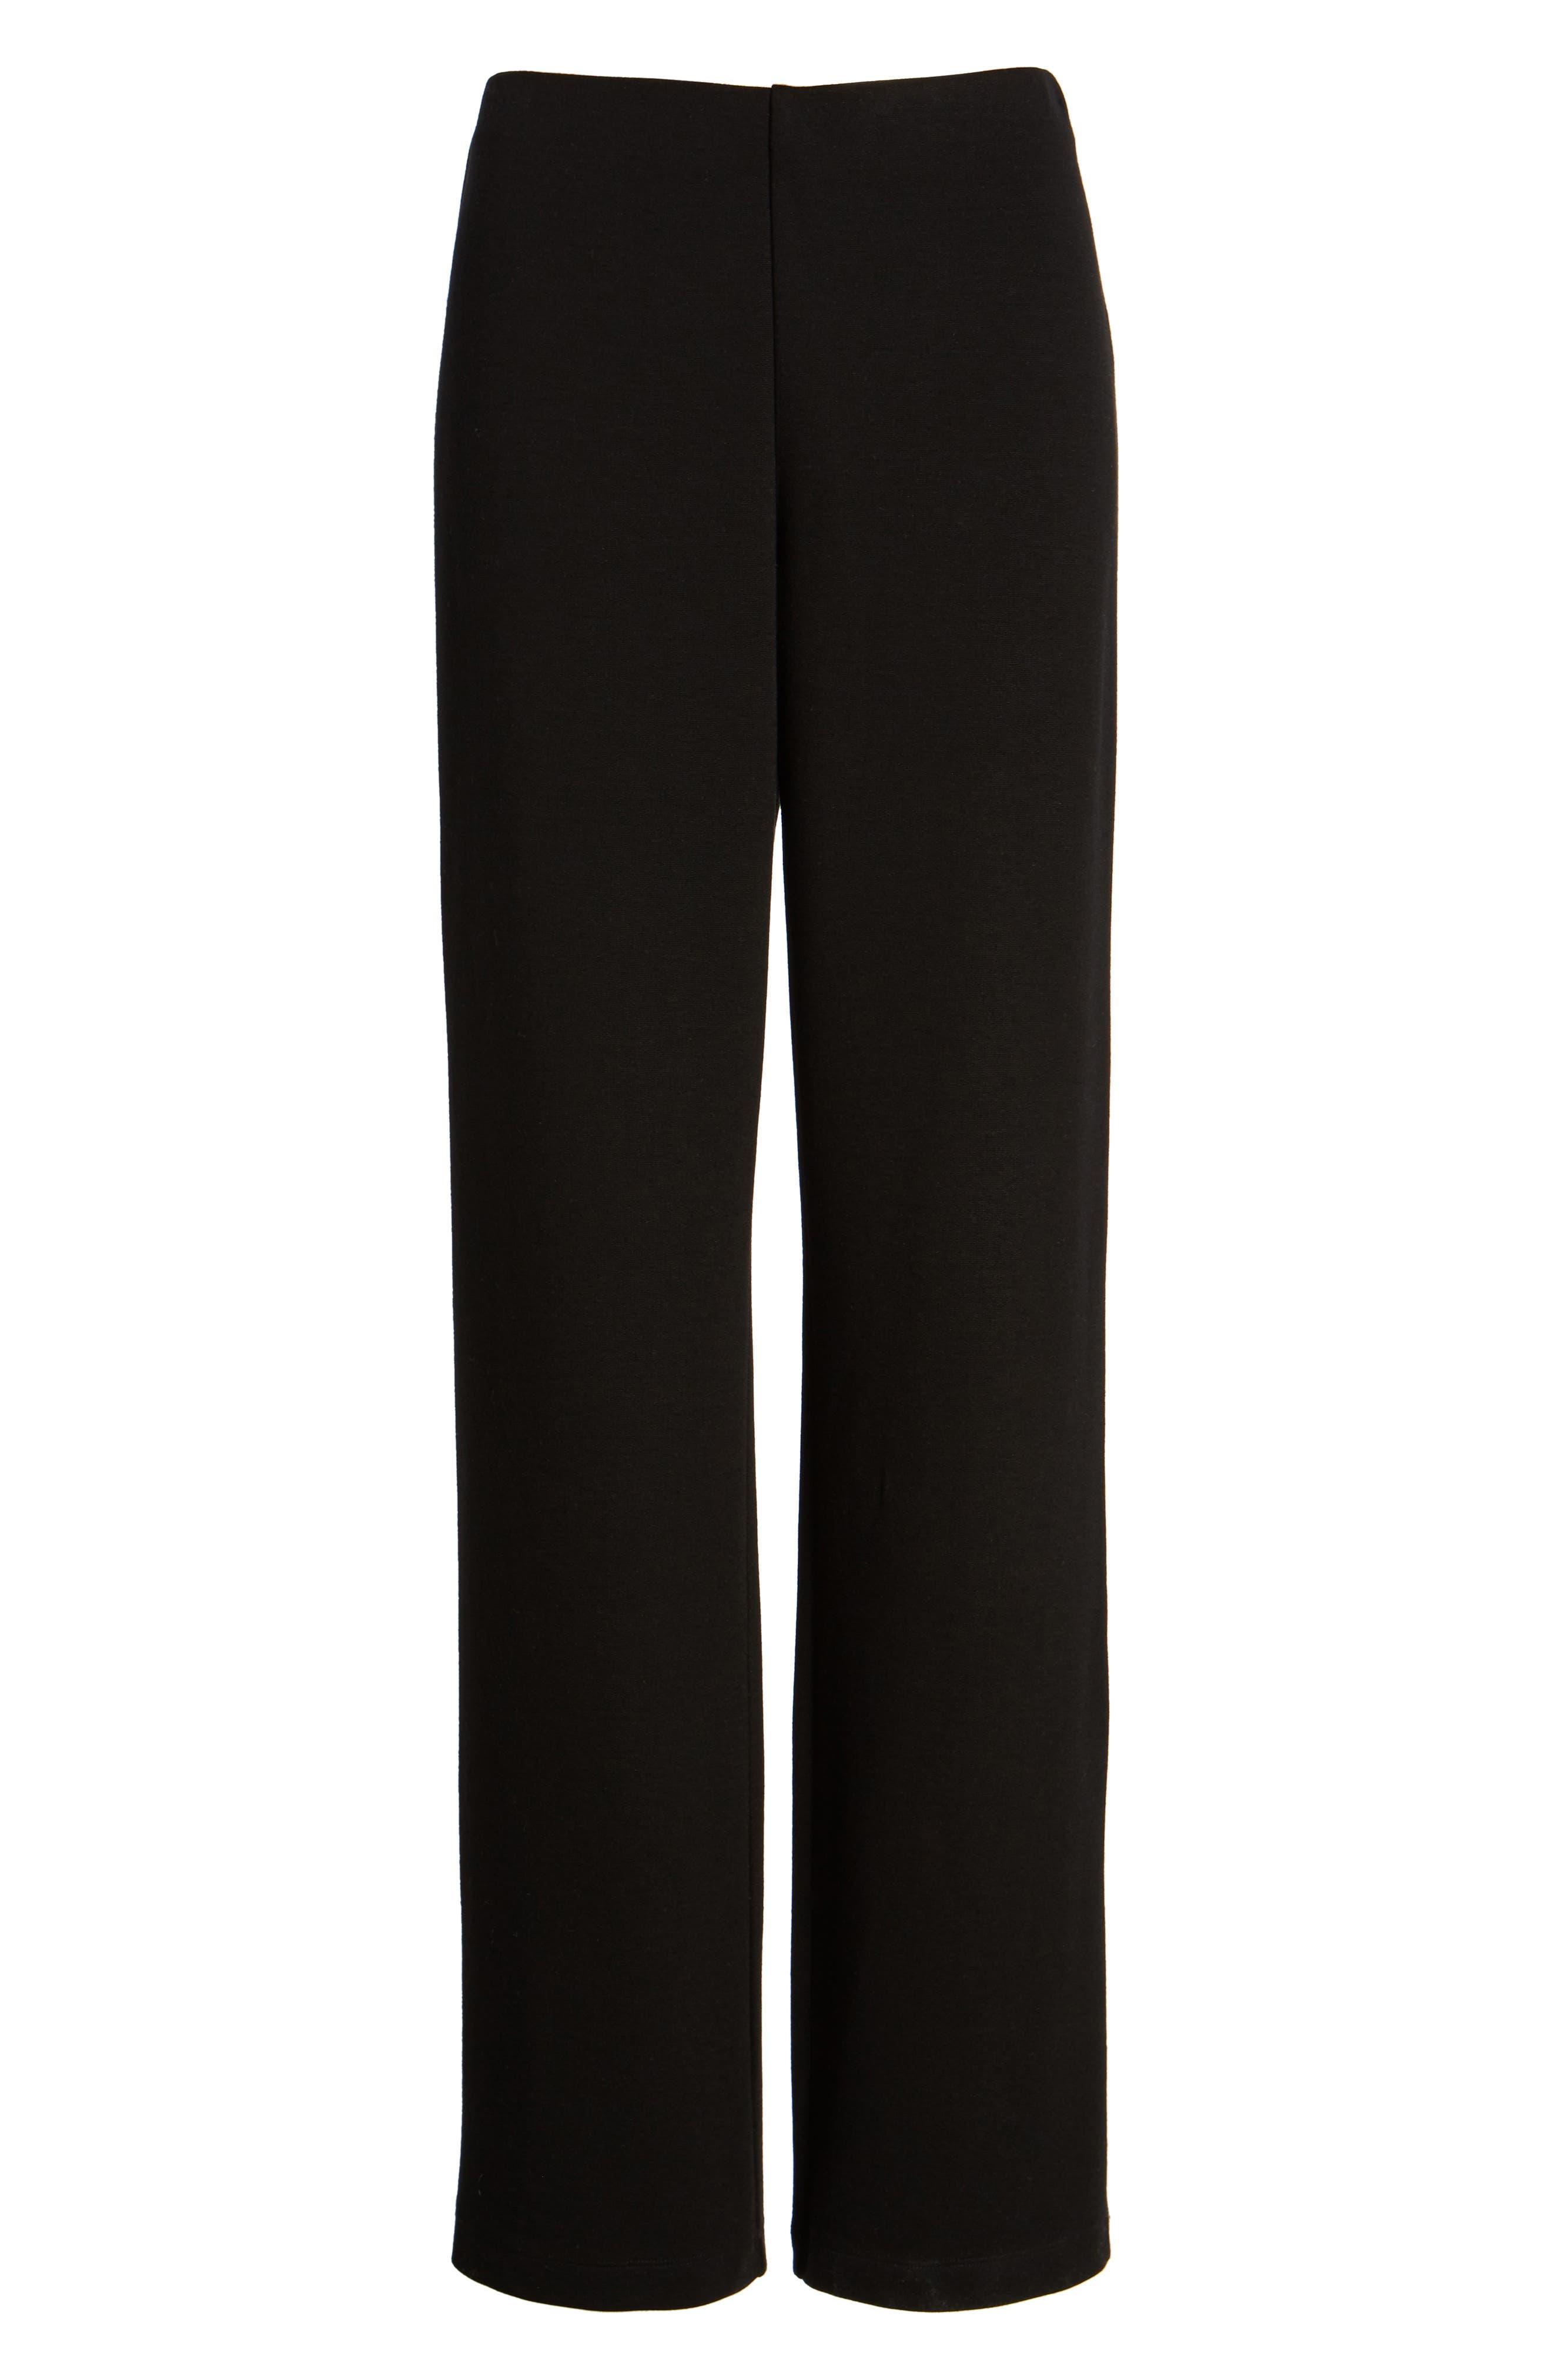 Straight Leg Pants,                             Alternate thumbnail 7, color,                             Black